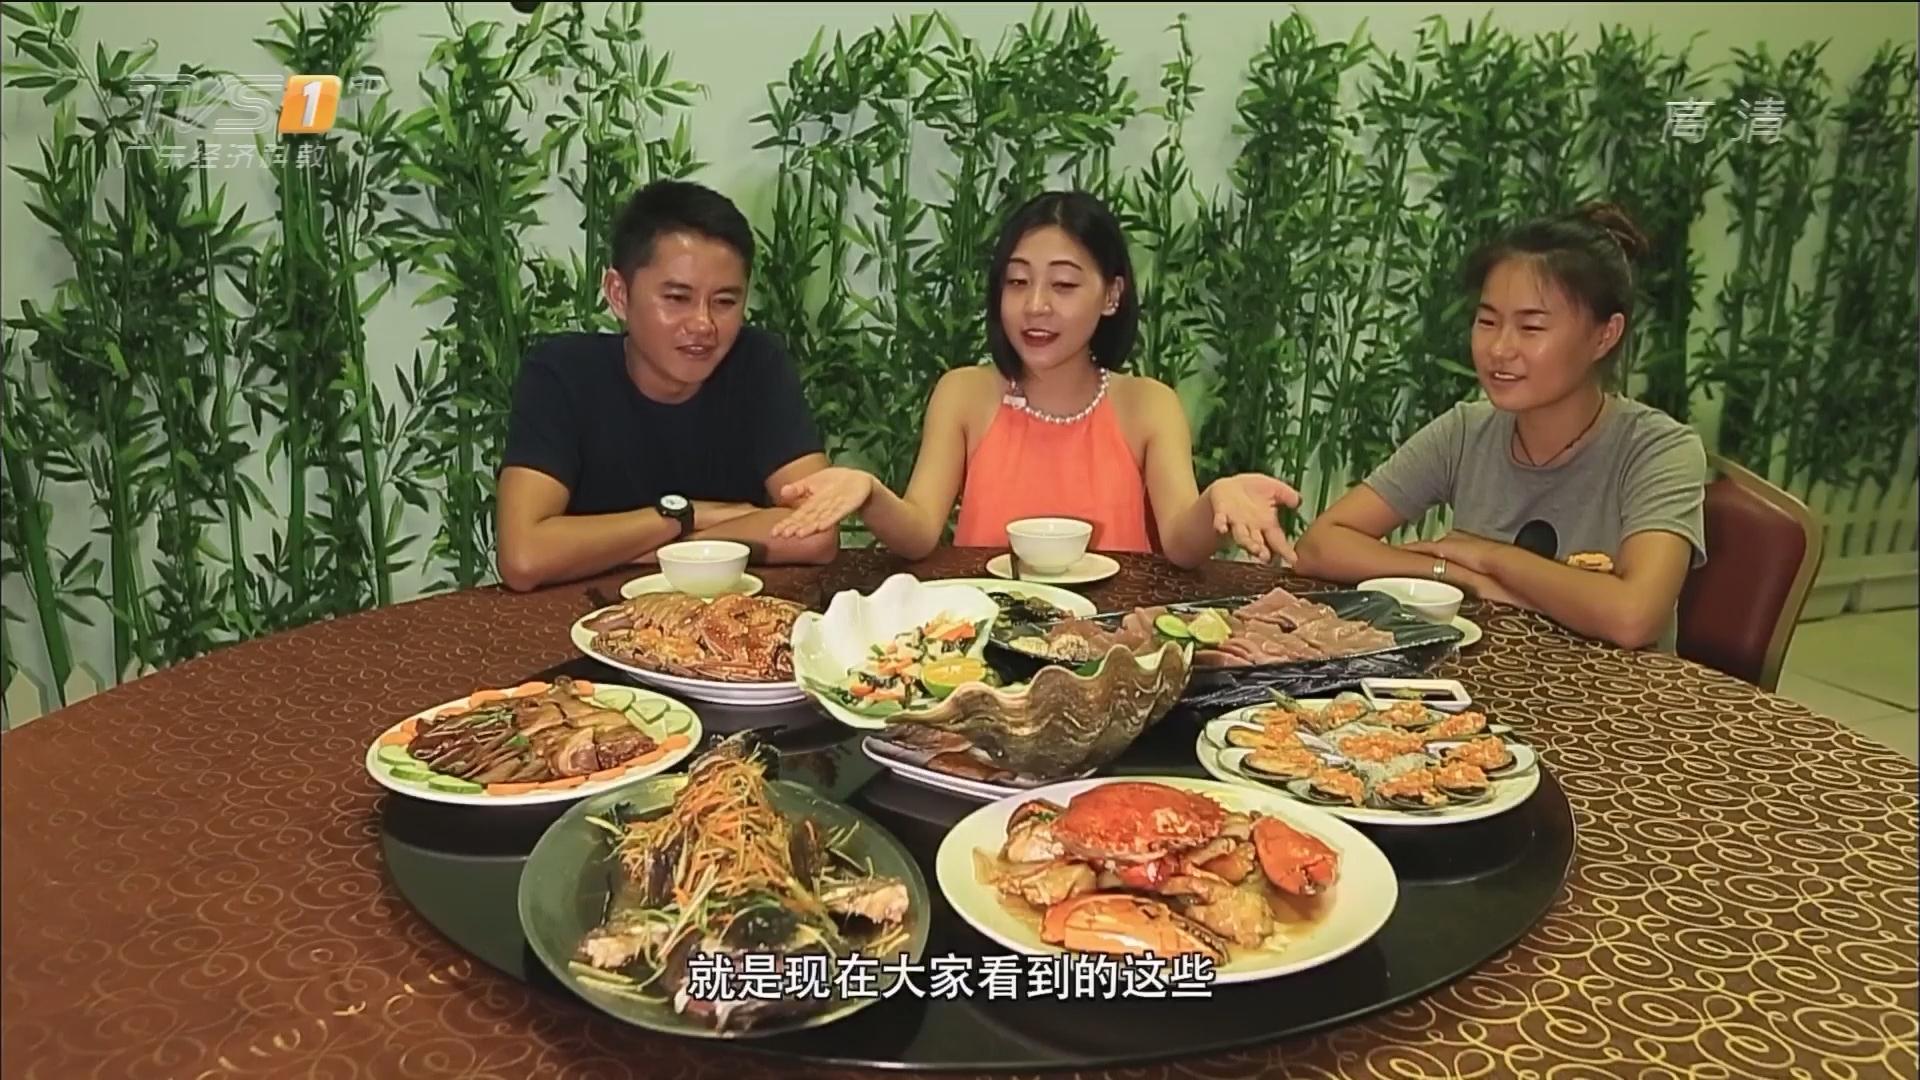 帕劳游——海岛餐厅吃海鲜大餐